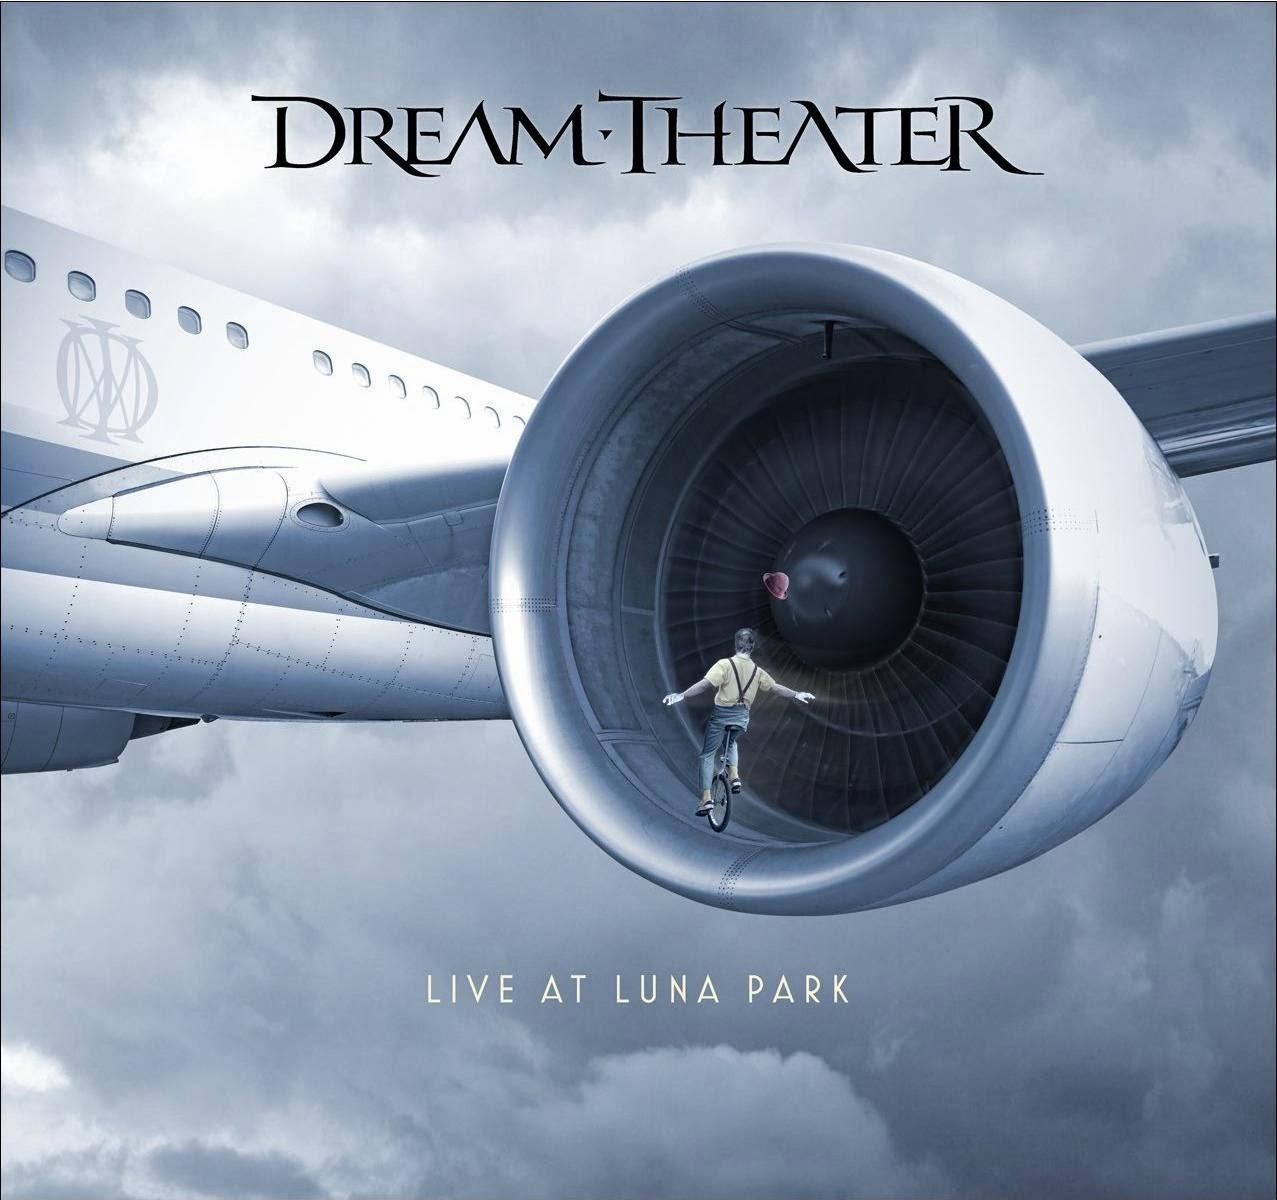 trmb dream theater live at luna park registra excelente fase do grupo. Black Bedroom Furniture Sets. Home Design Ideas